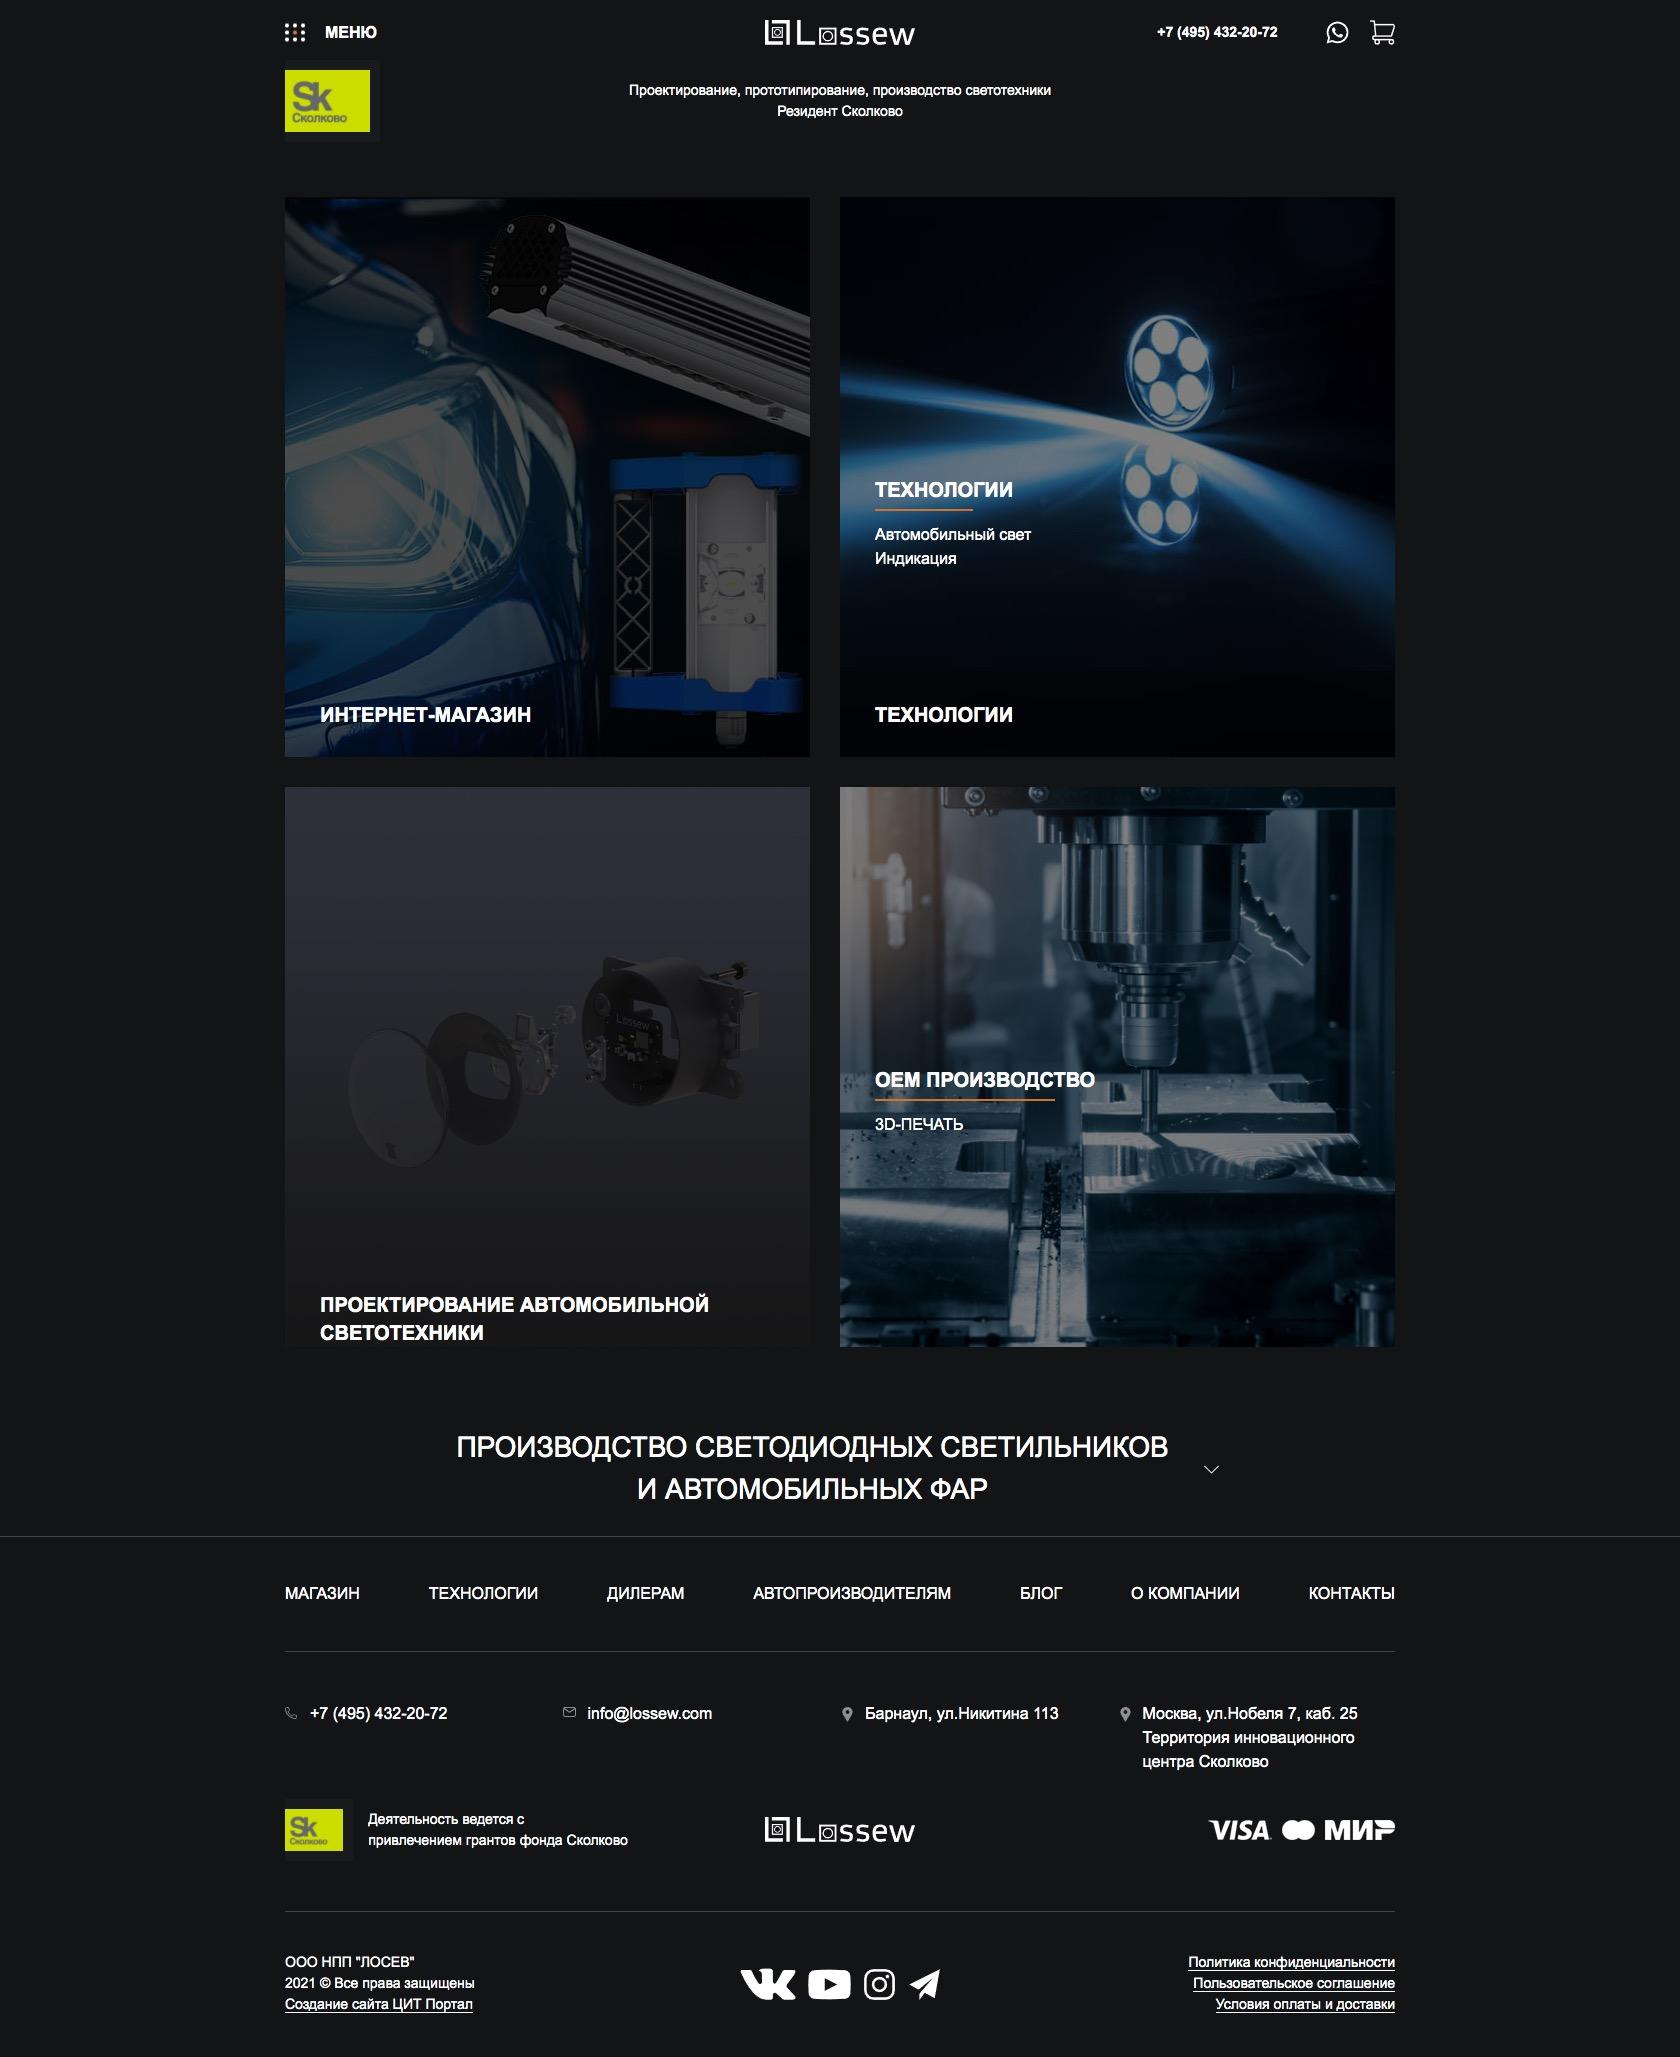 Разработка интернет-магазина производственной компании в Сколково - Страница О компании